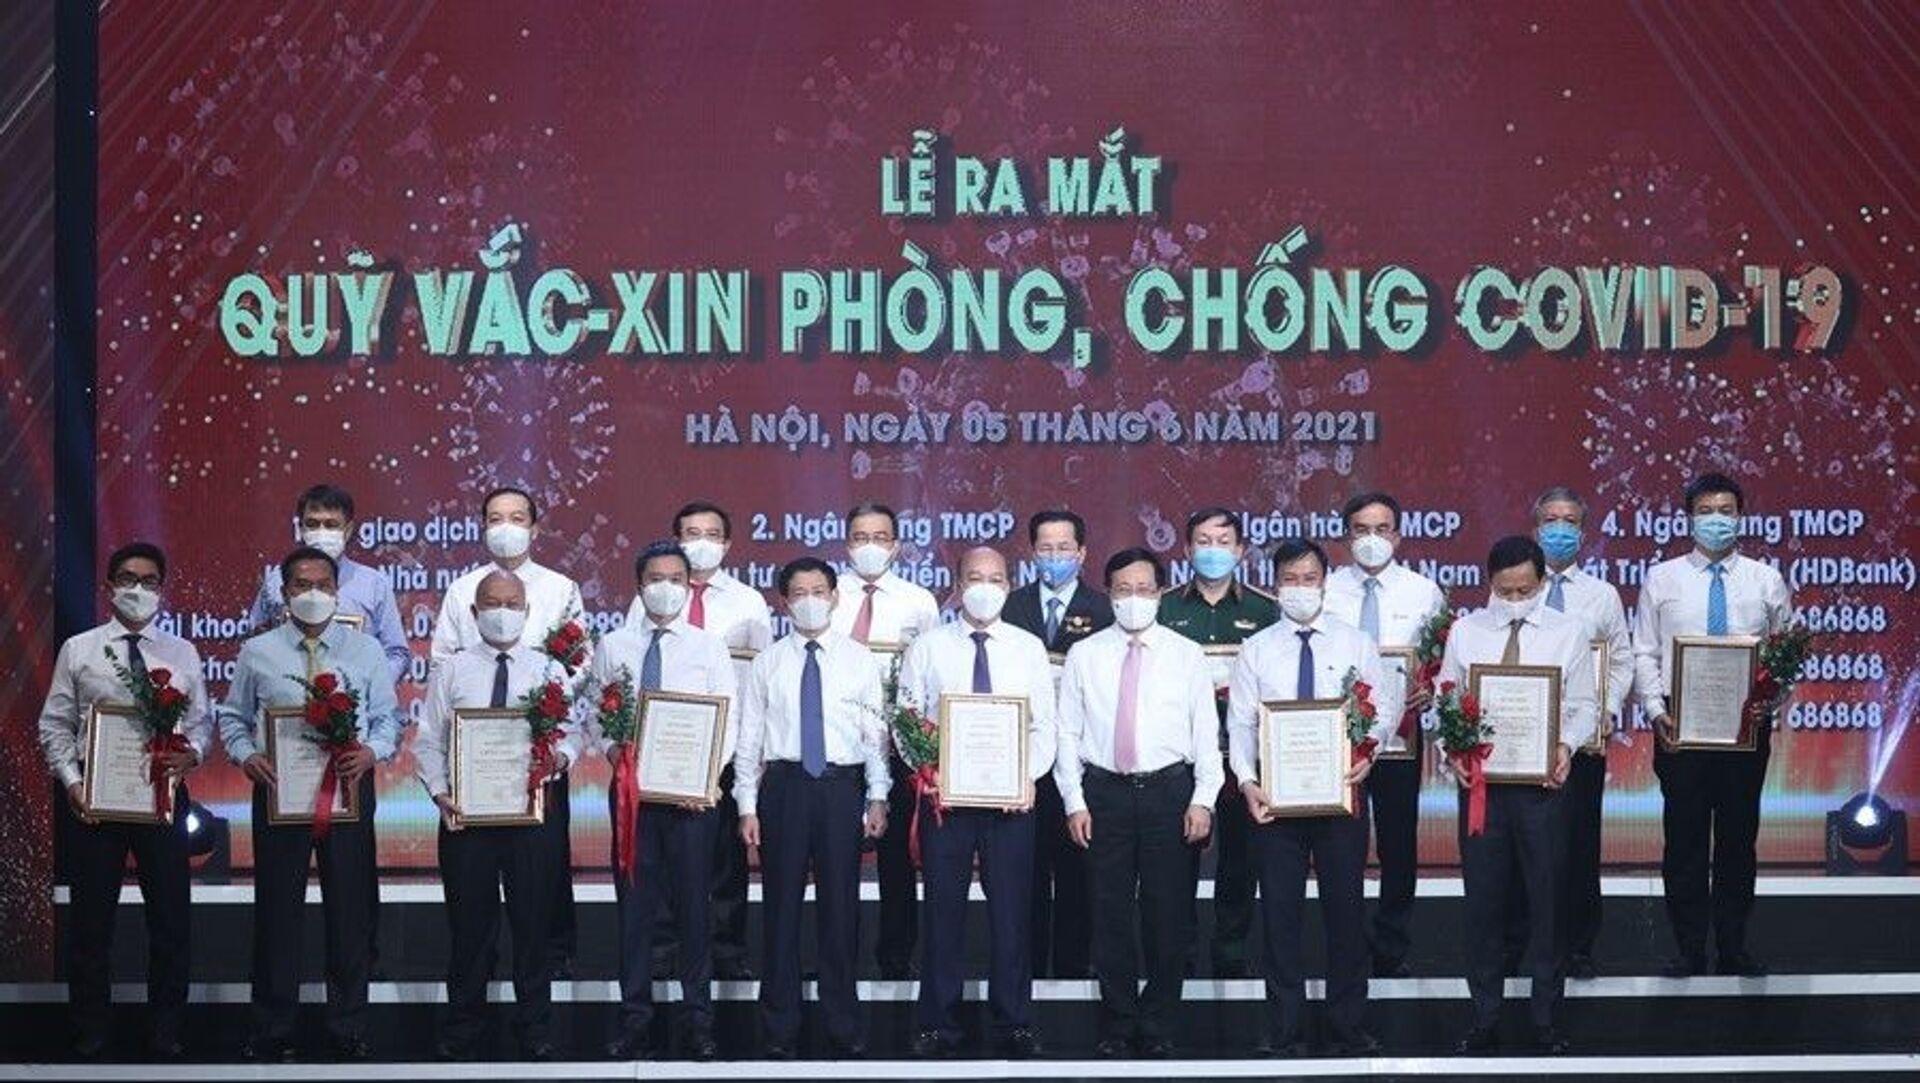 Đại diện các tập đoàn, tổng công ty, doanh nghiệp trao ủng hộ Qũy vaccine phòng COVID-19. - Sputnik Việt Nam, 1920, 08.06.2021